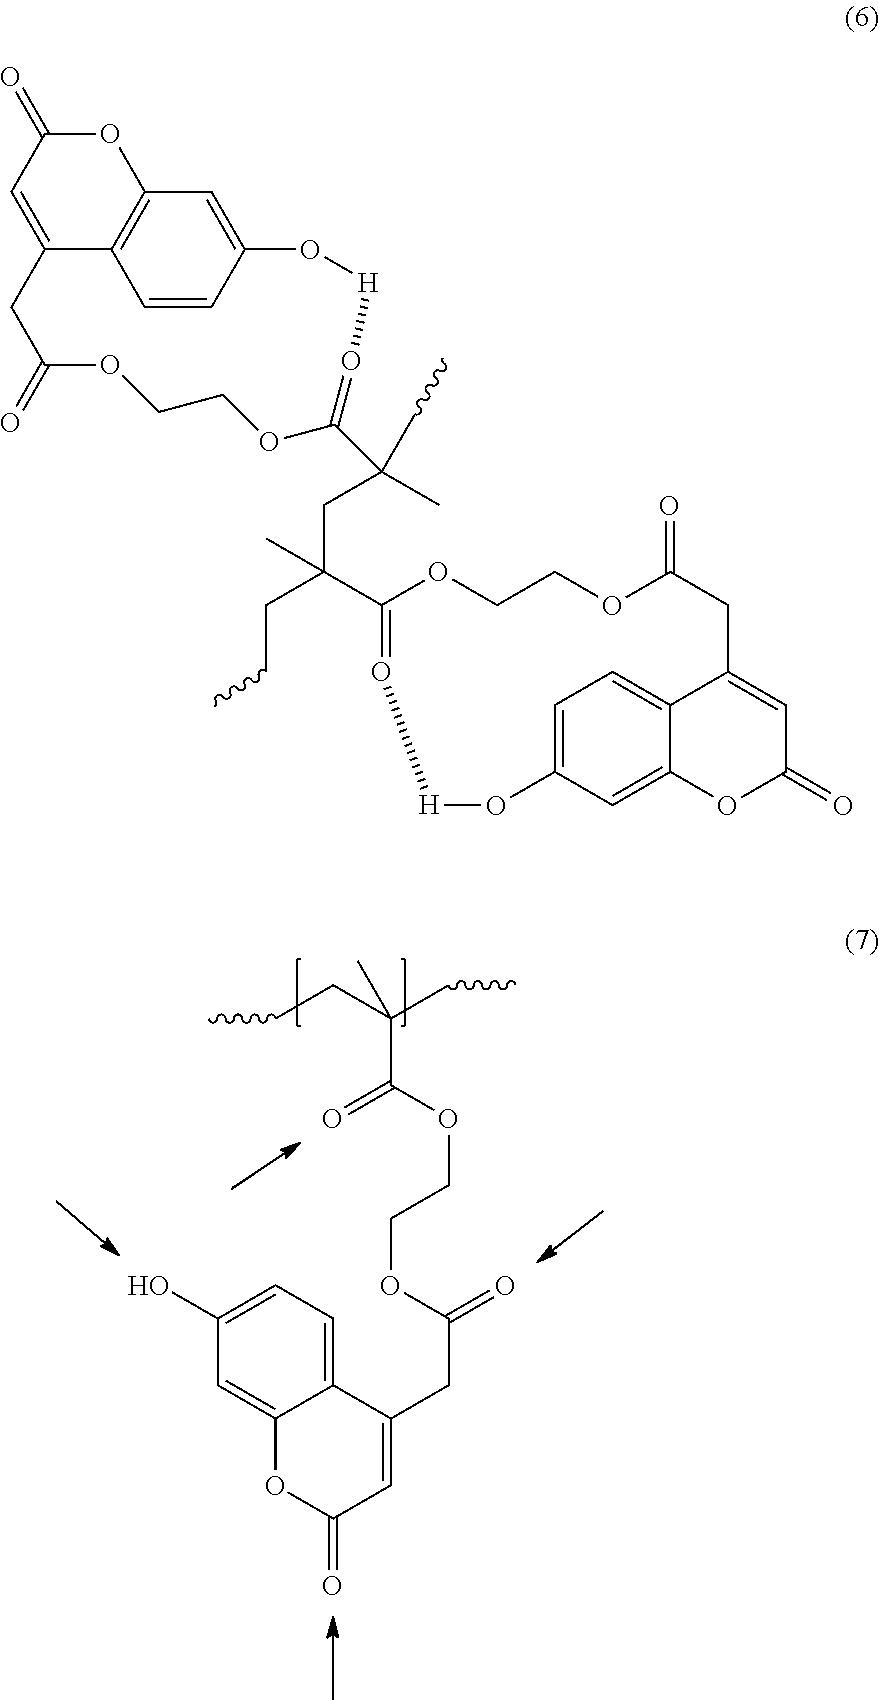 Figure US08993700-20150331-C00011